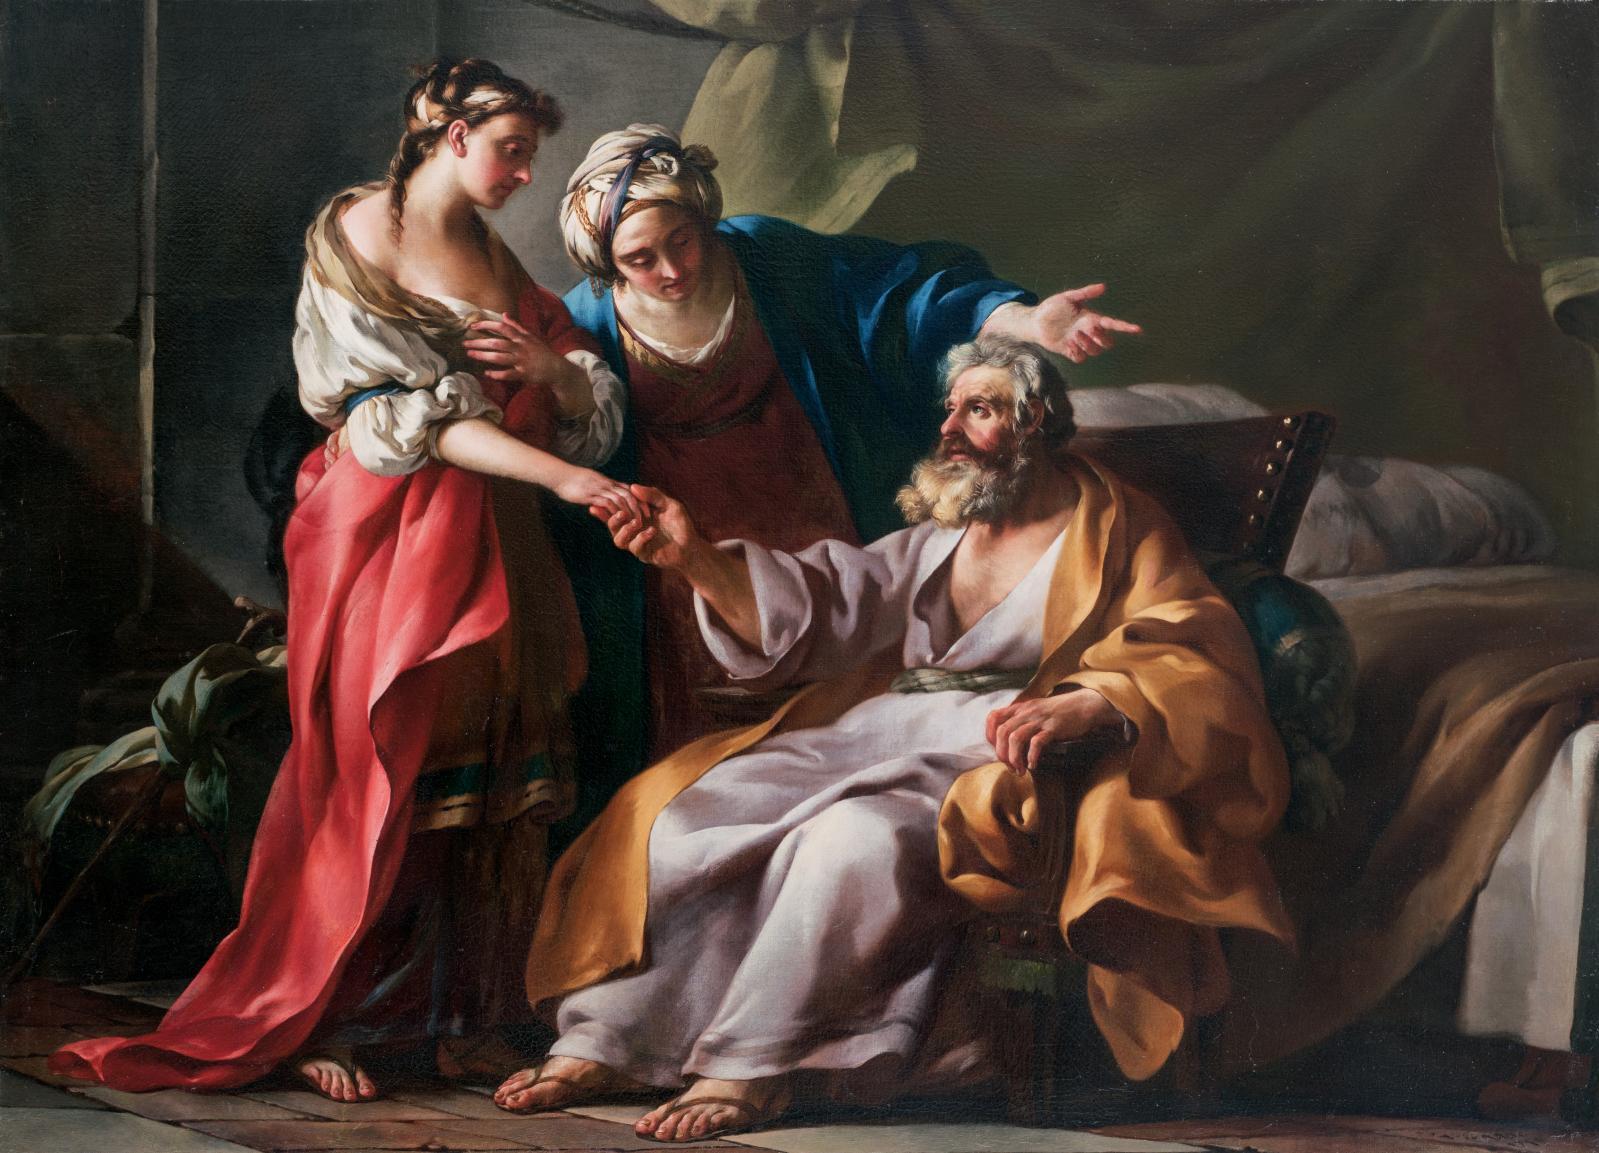 Joseph-Marie Vien (1716-1809), Sarah présentant Agar à Abraham, 1749, huile sur toile, 98x134,5cm (détail). Œuvre acquise en vente publique par Mon